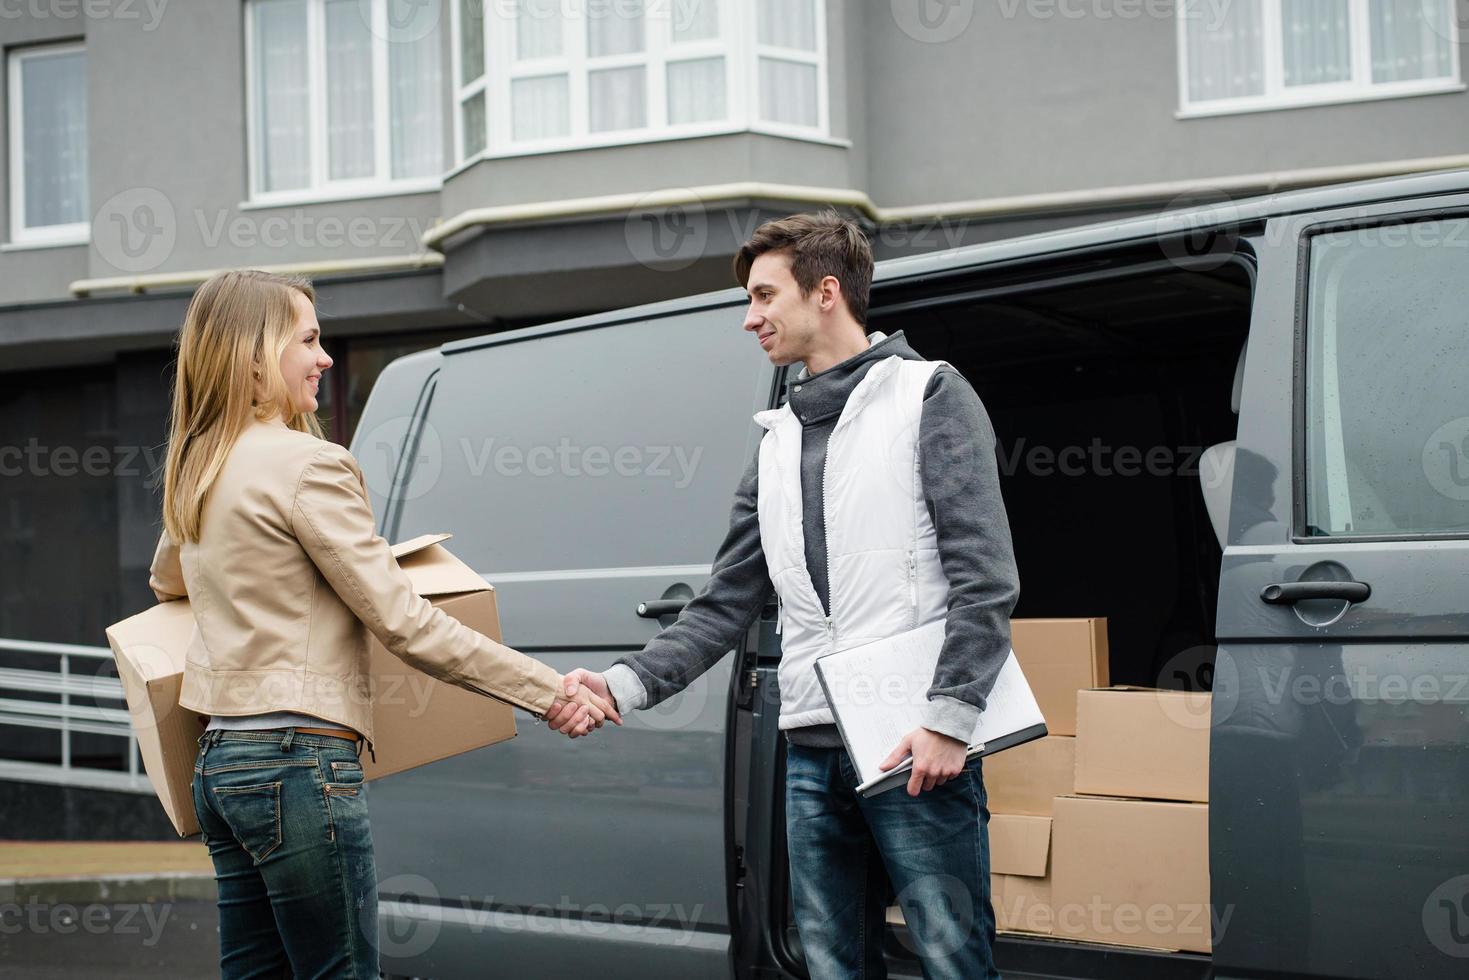 correio apertando as mãos perto da van, mulher recebe caixa foto